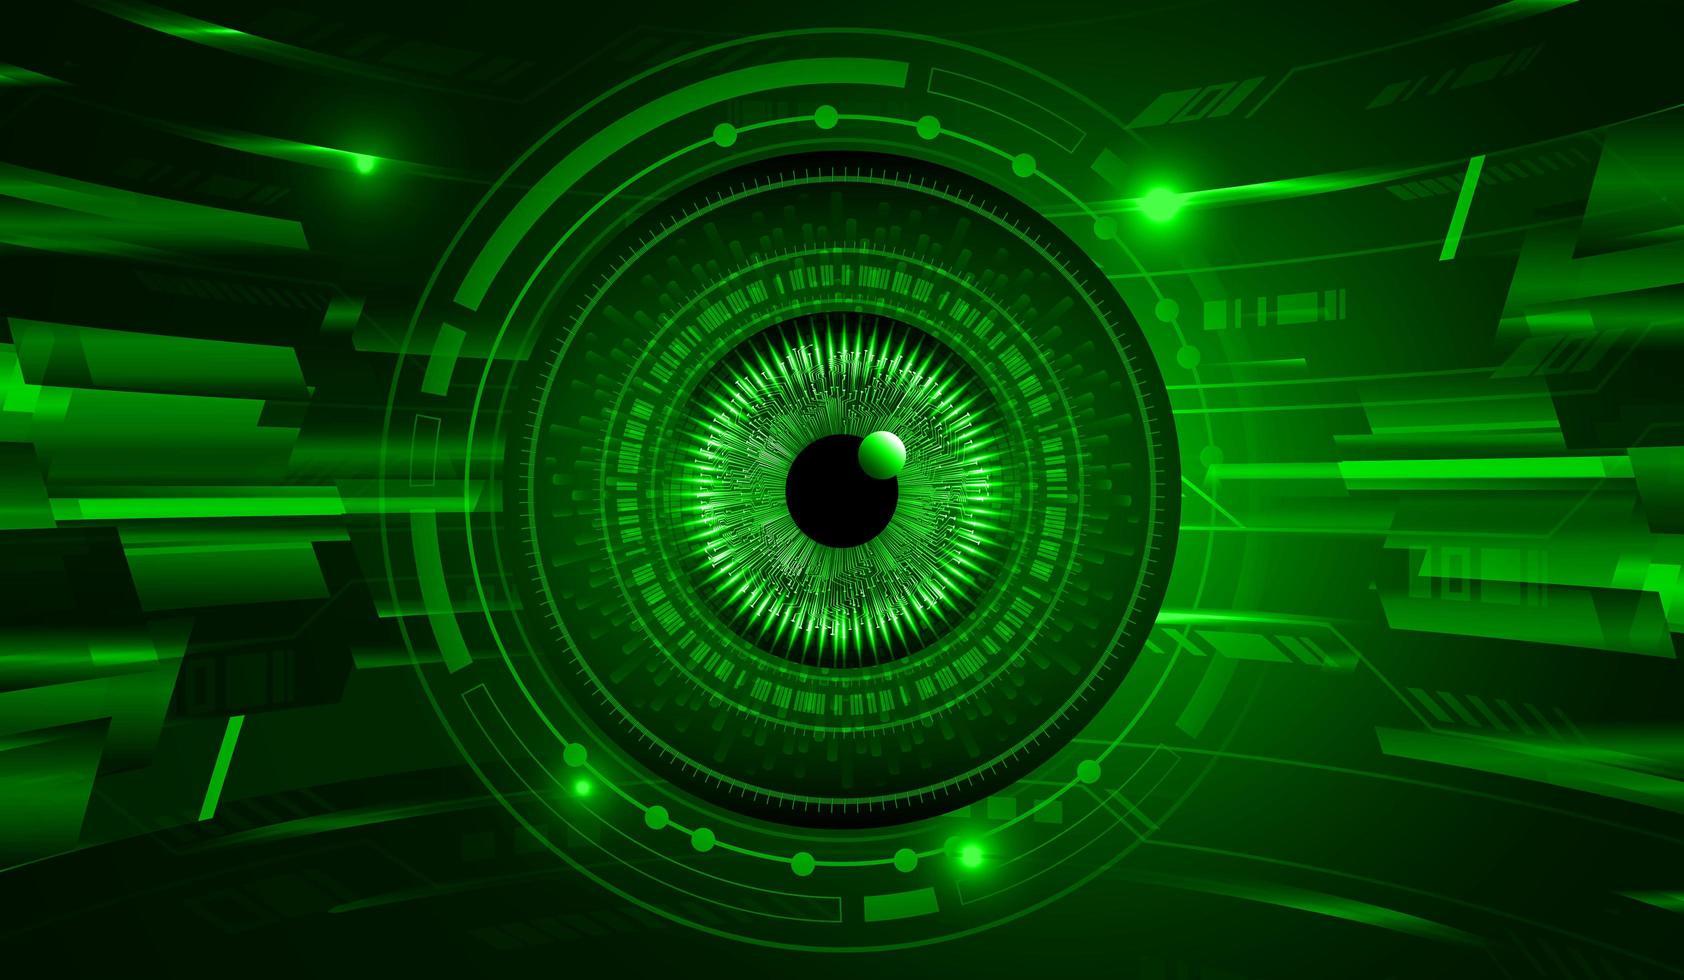 fond de concept de technologie future cyber circuit oeil vert vecteur